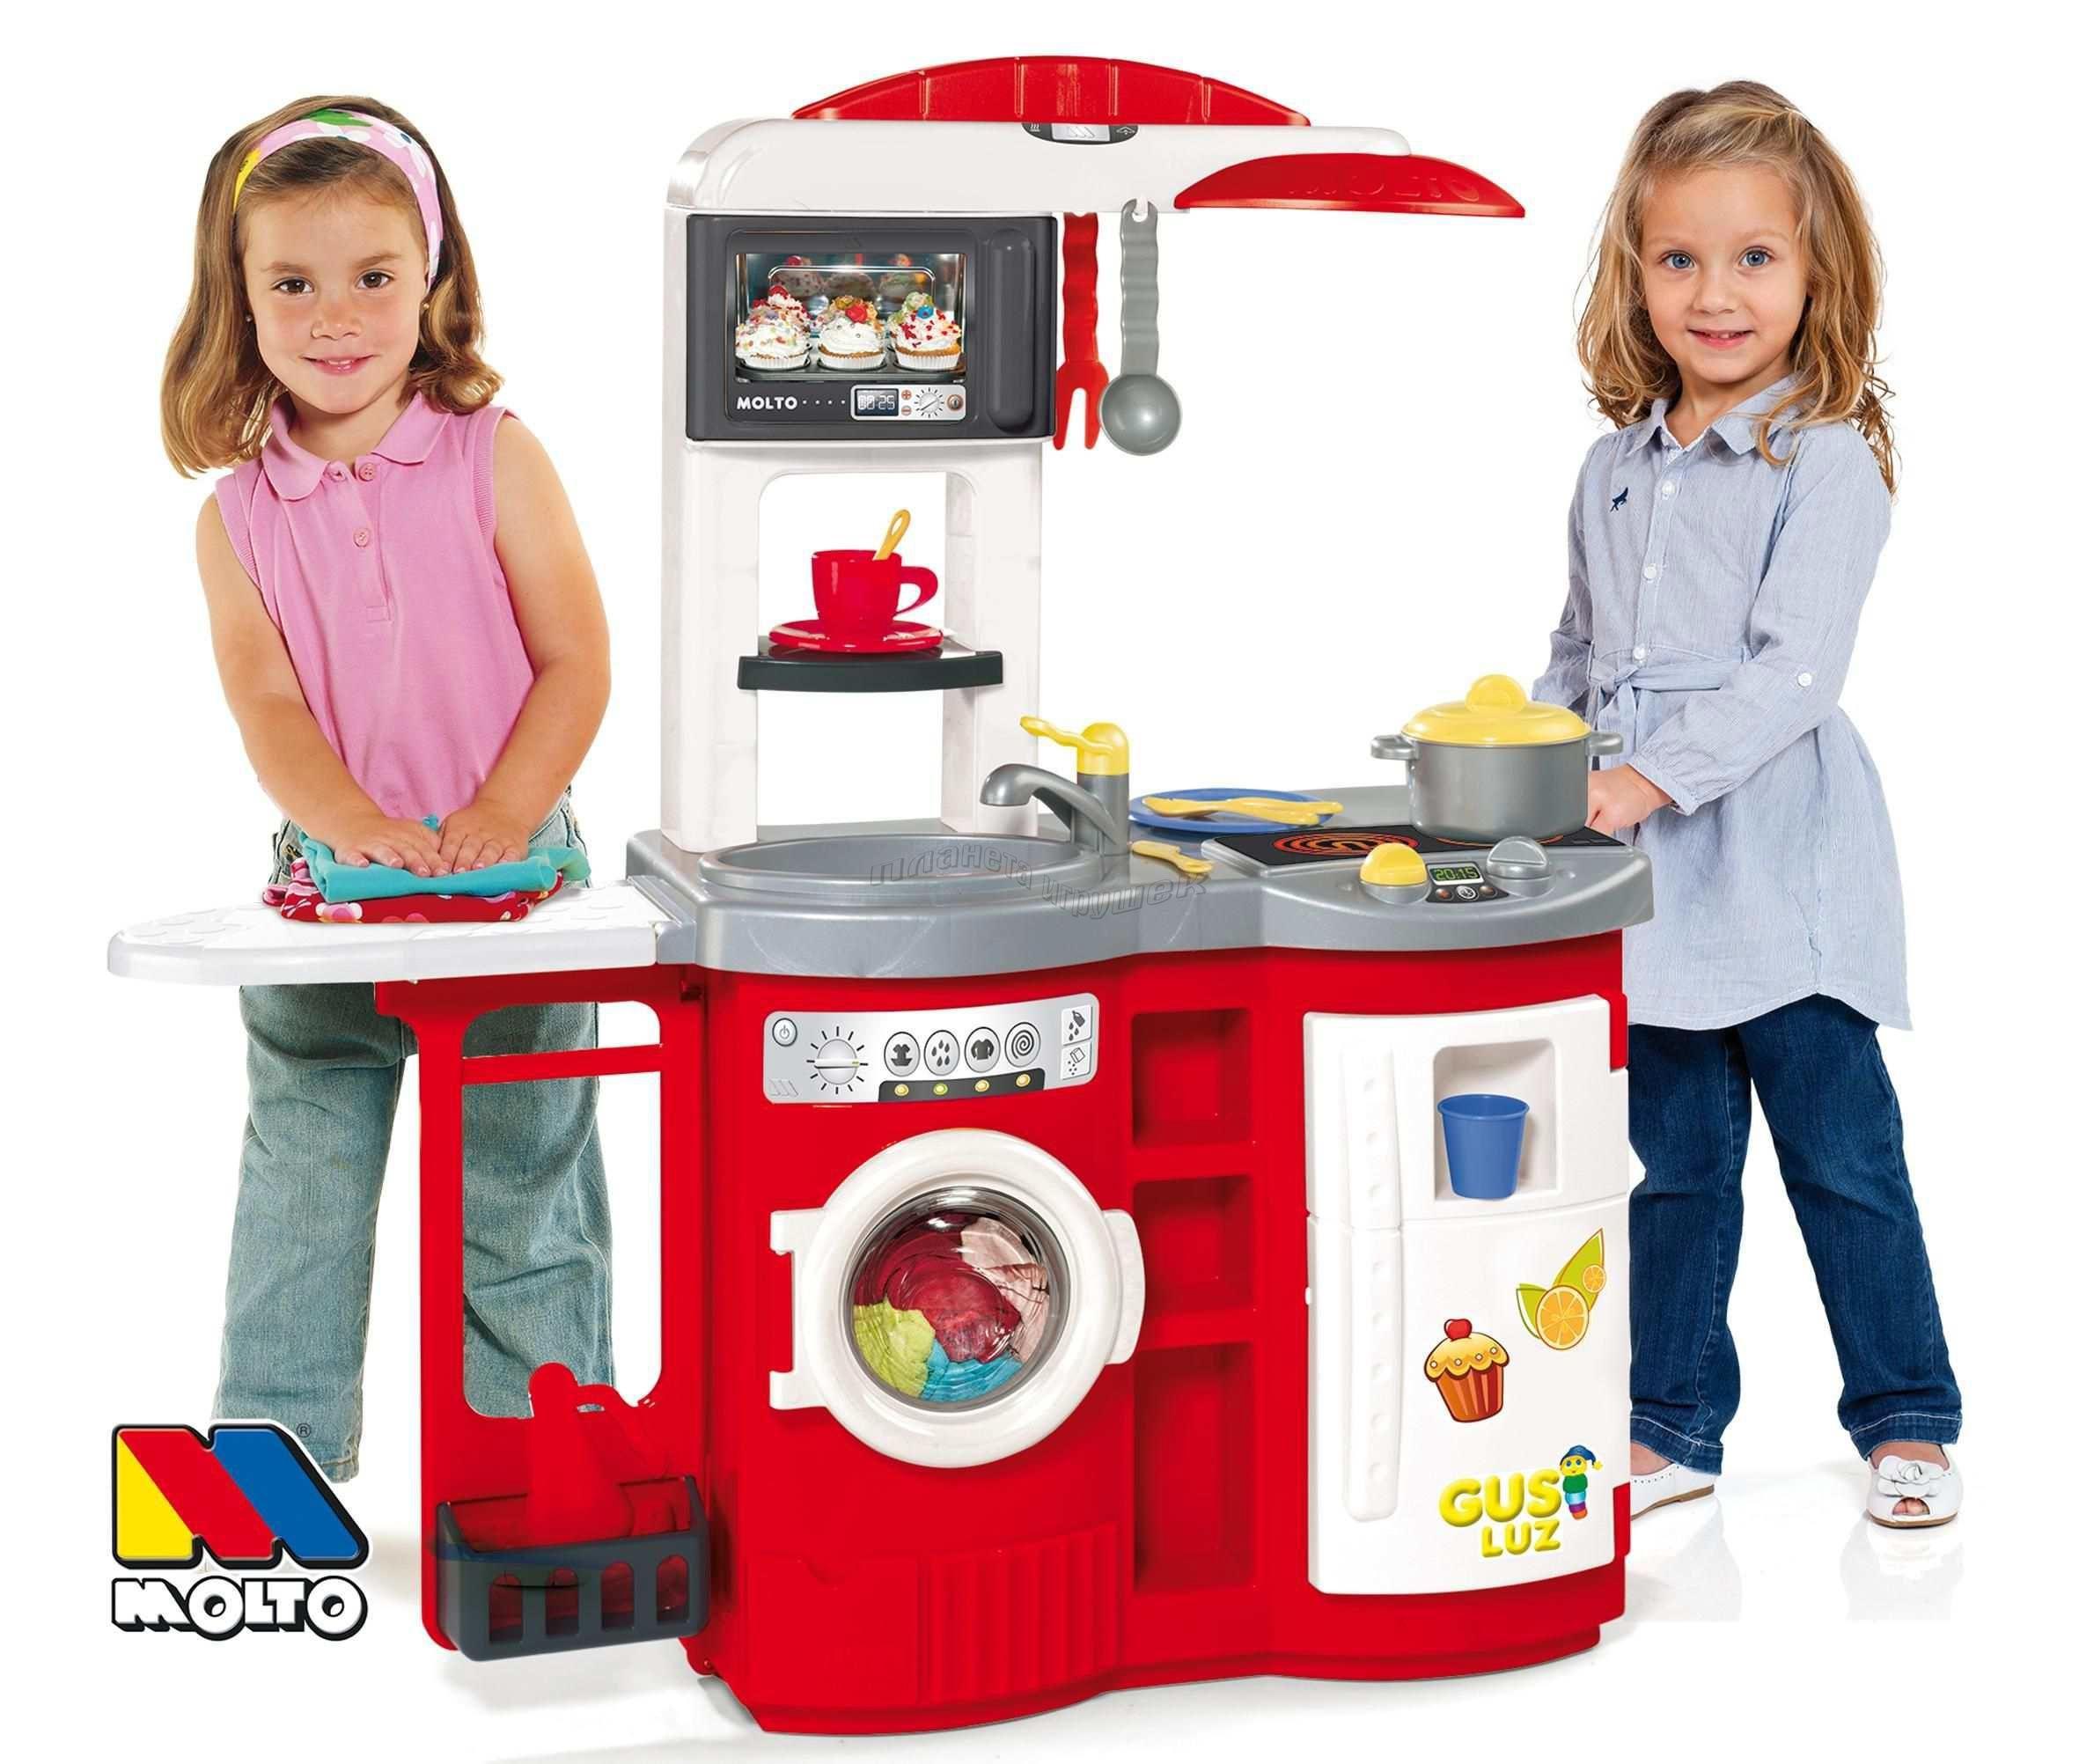 Детская игровая кухня - Molto с гладильной доскойДетские игровые кухни<br>Детская игровая кухня - Molto с гладильной доской<br>